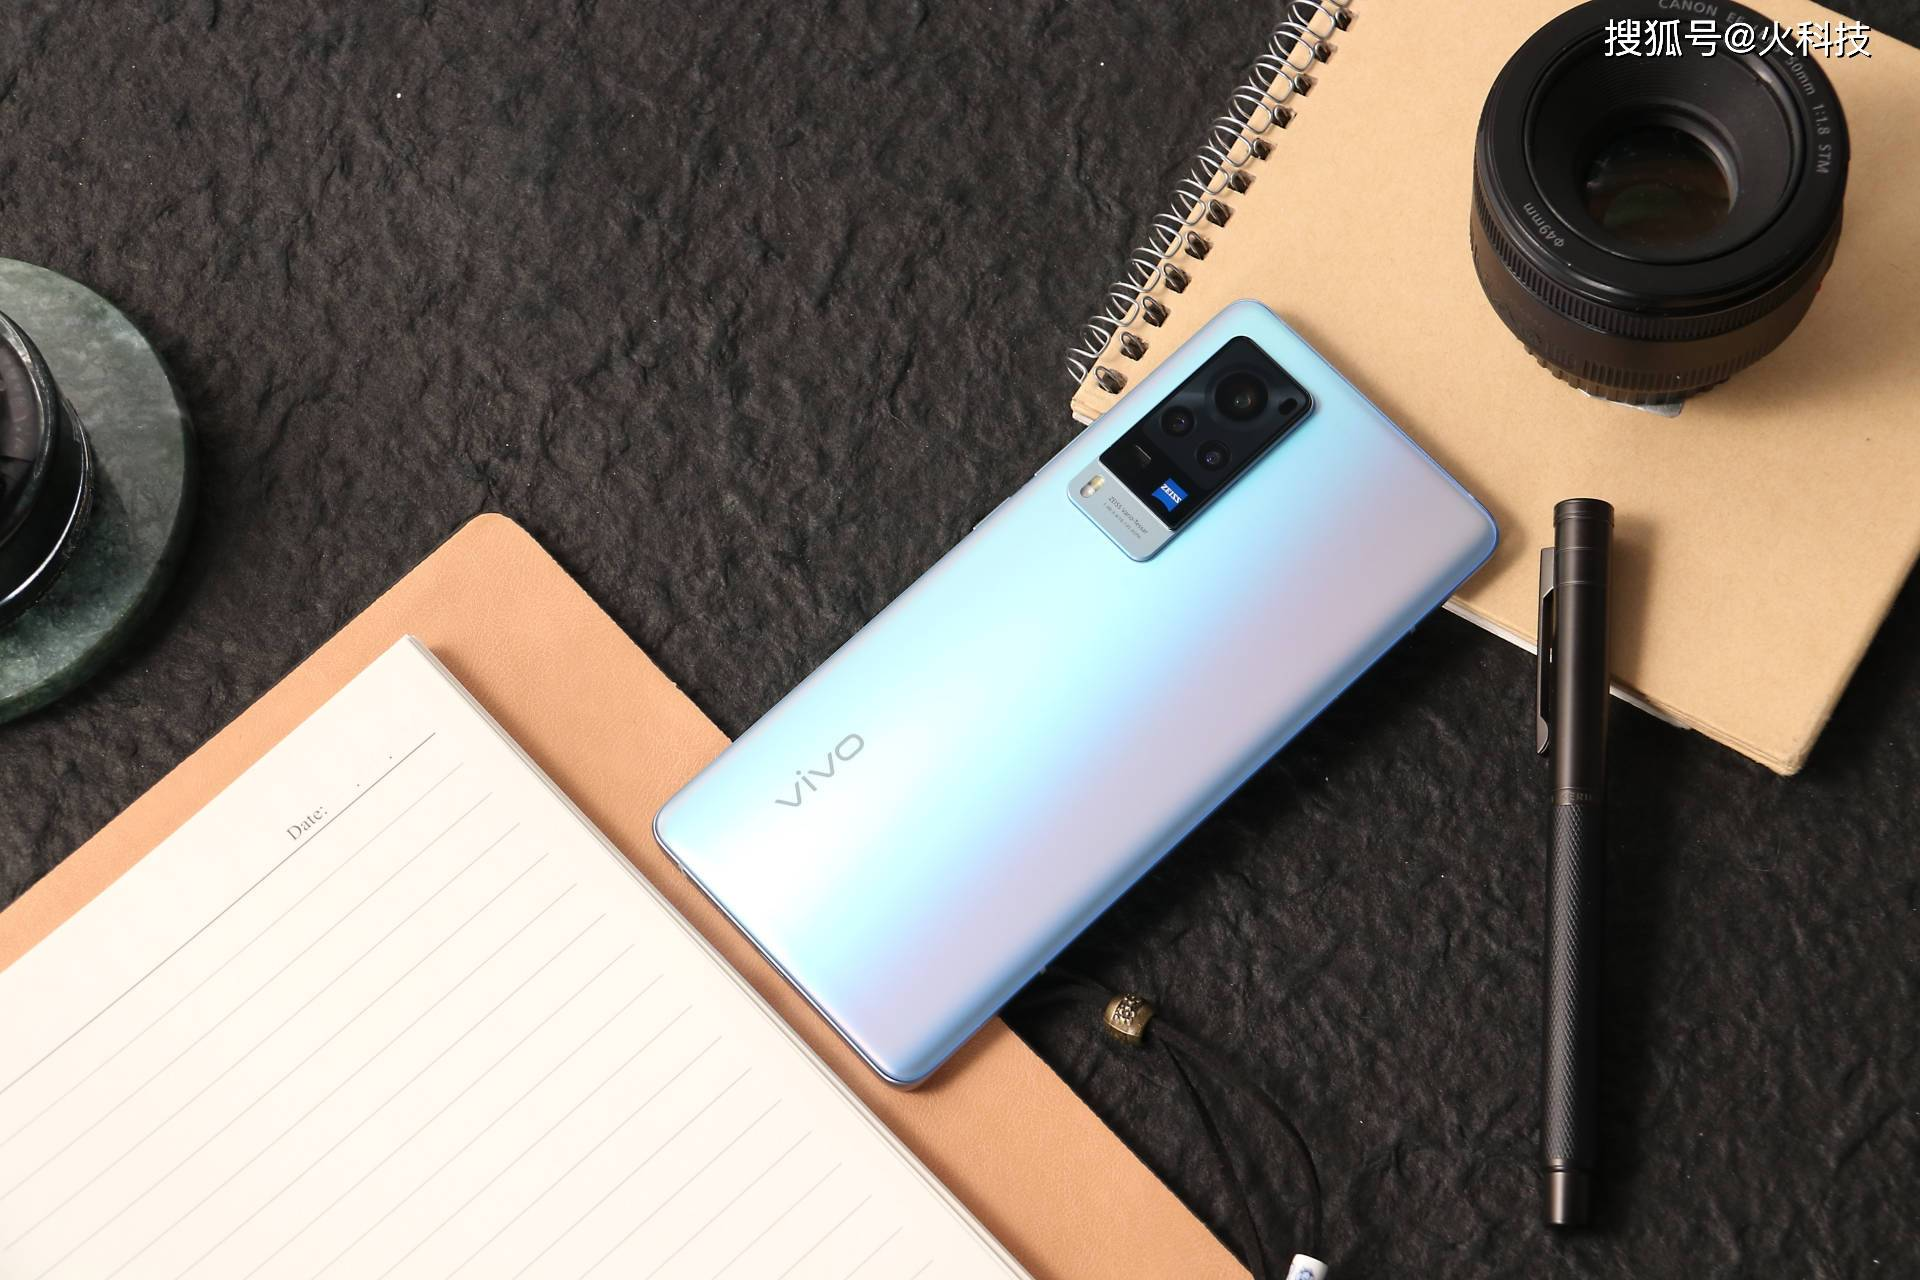 原创             国产人气最好的4款手机,就是性价比不高,你喜欢哪一款?